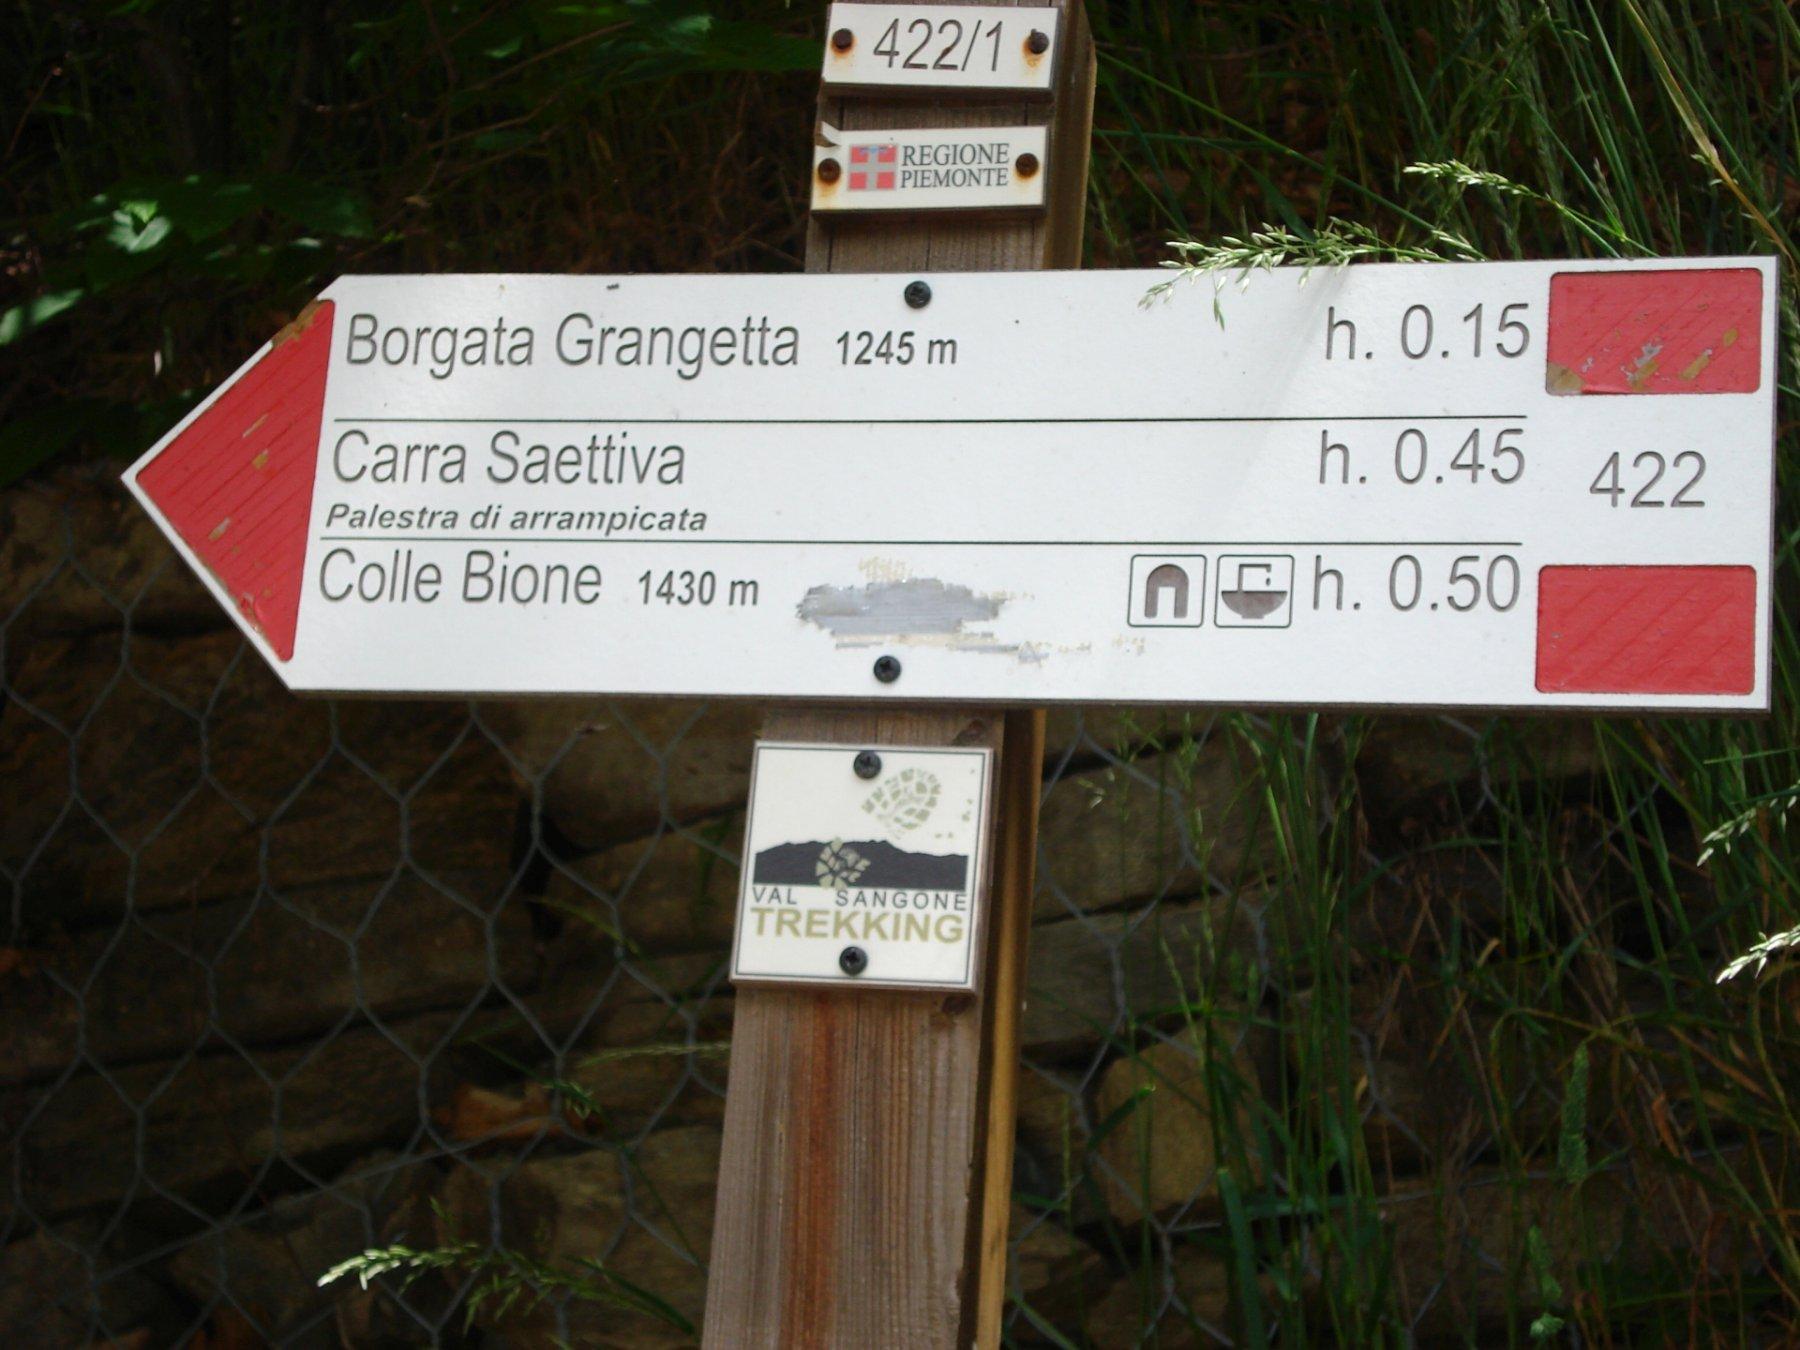 Poco sotto Borgata Merlo dove termina la strada asfaltata (1160 mt. s.l.m.) reperire la strada sterrata che porta prima a Borgata Grangetta e successivamente a Borgata Bustera.